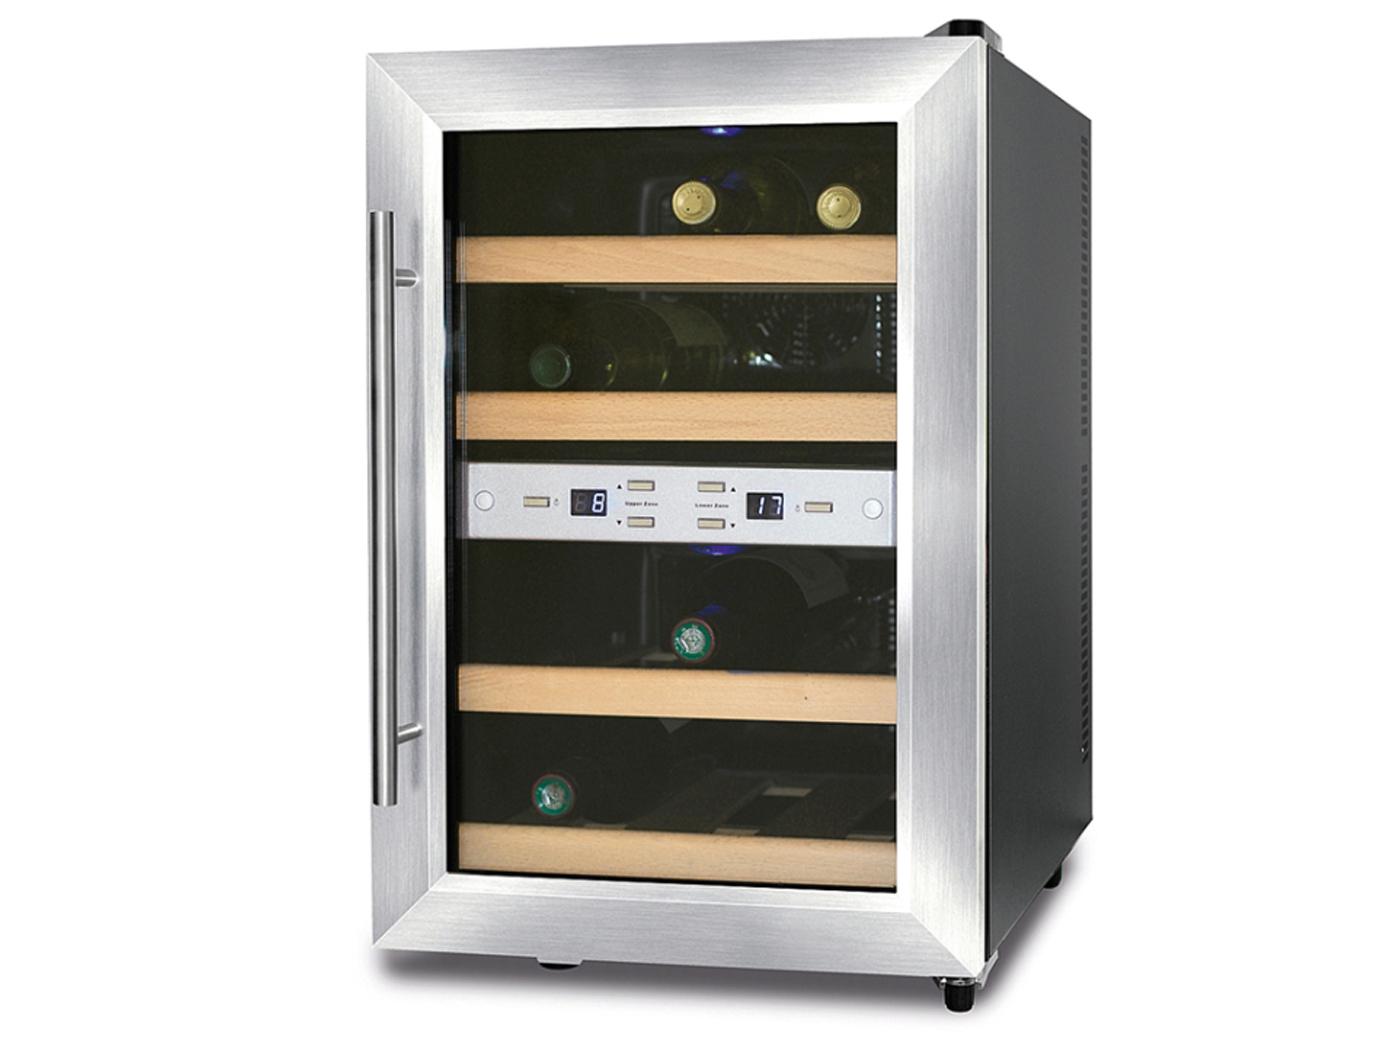 Kleiner Weinkühlschrank : Weinkühlschrank ebay kleinanzeigen